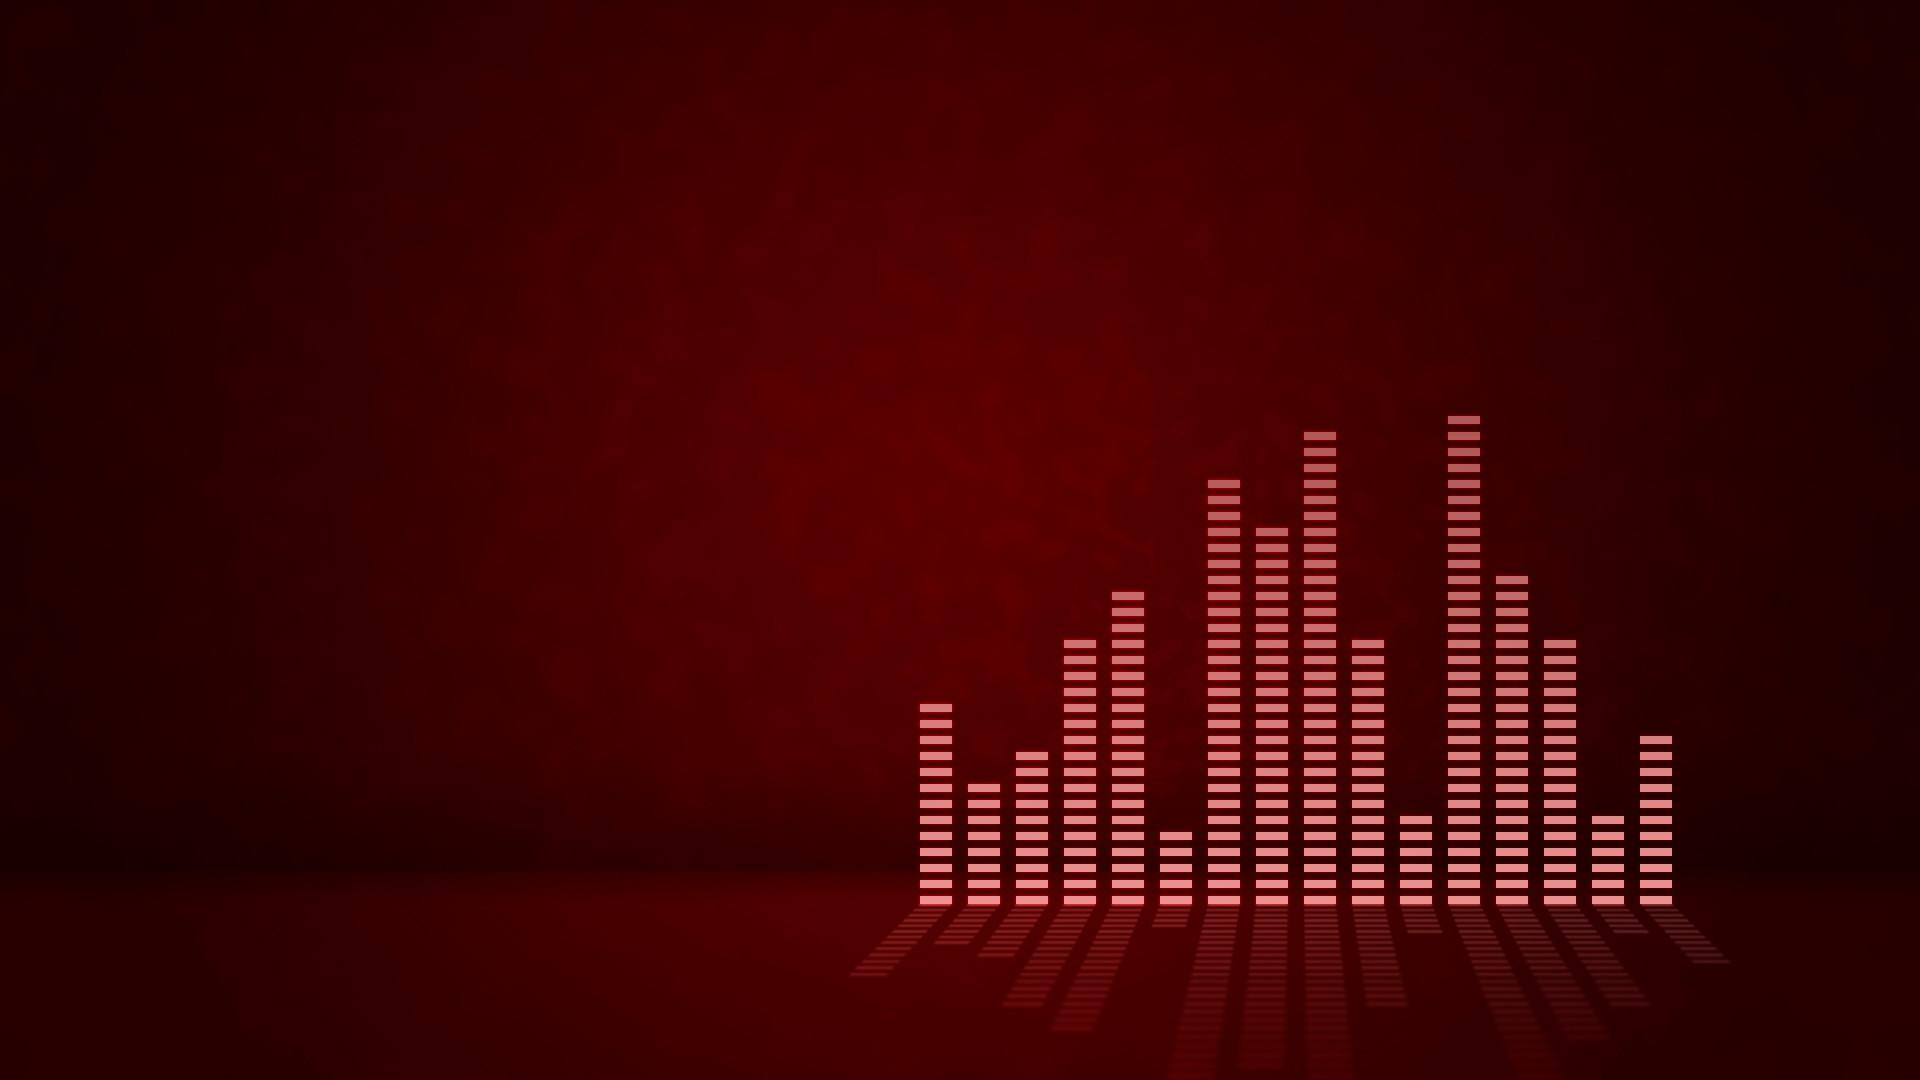 Znalezione obrazy dla zapytania music equalizer